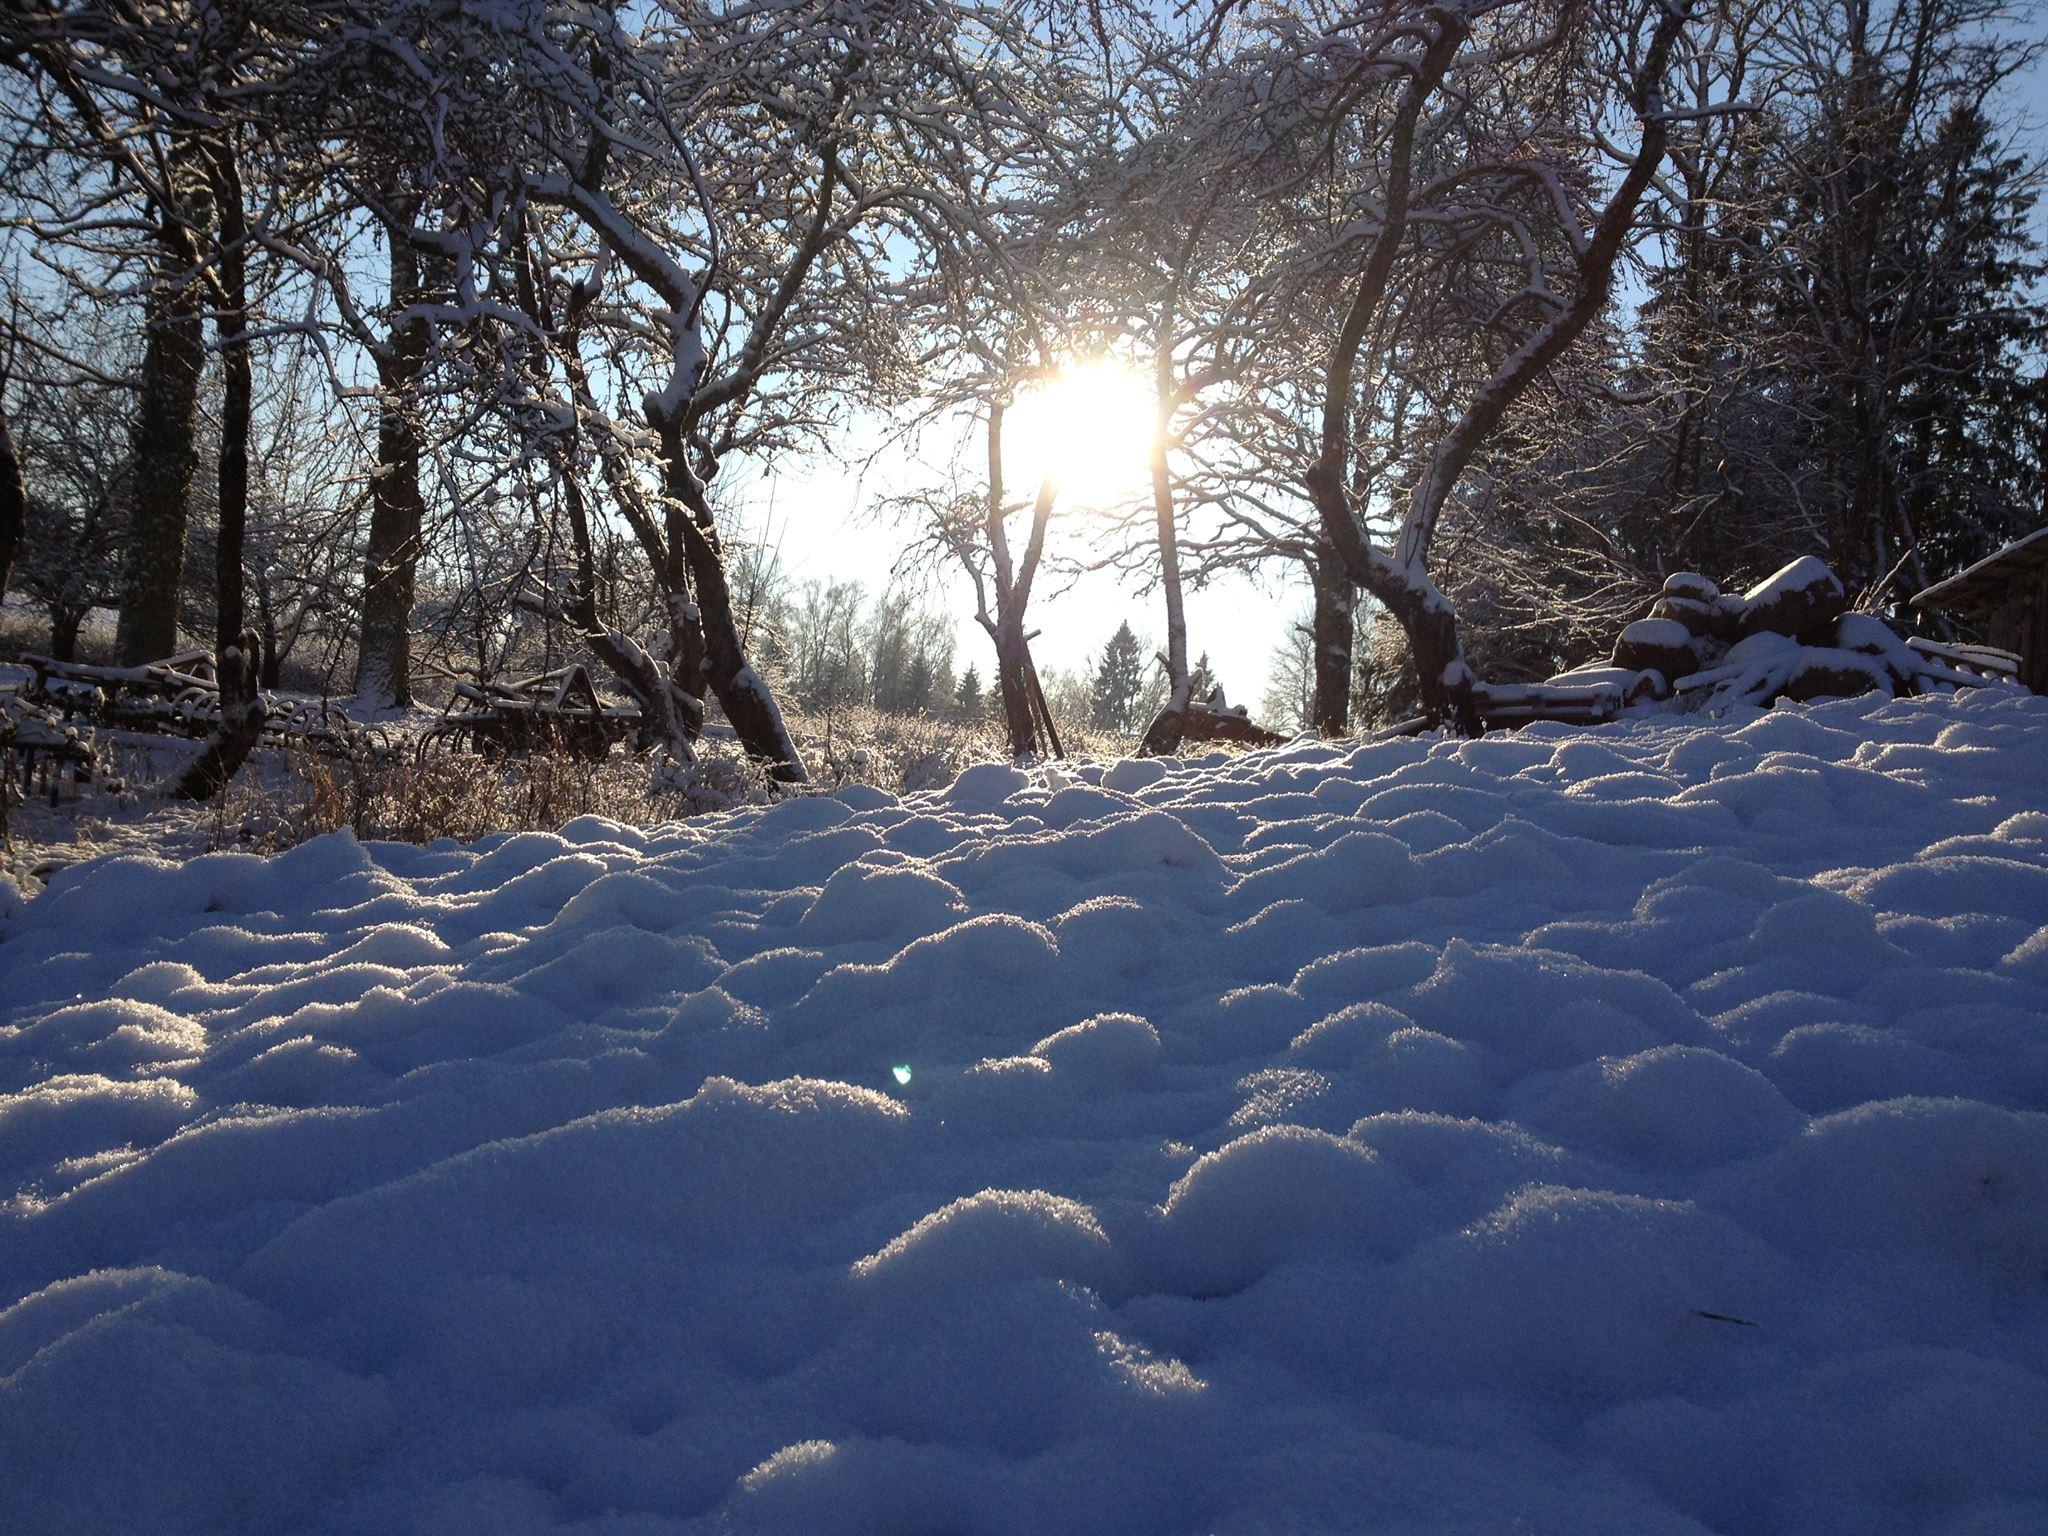 Mälestus talvest. Foto: Kylauudis.ee